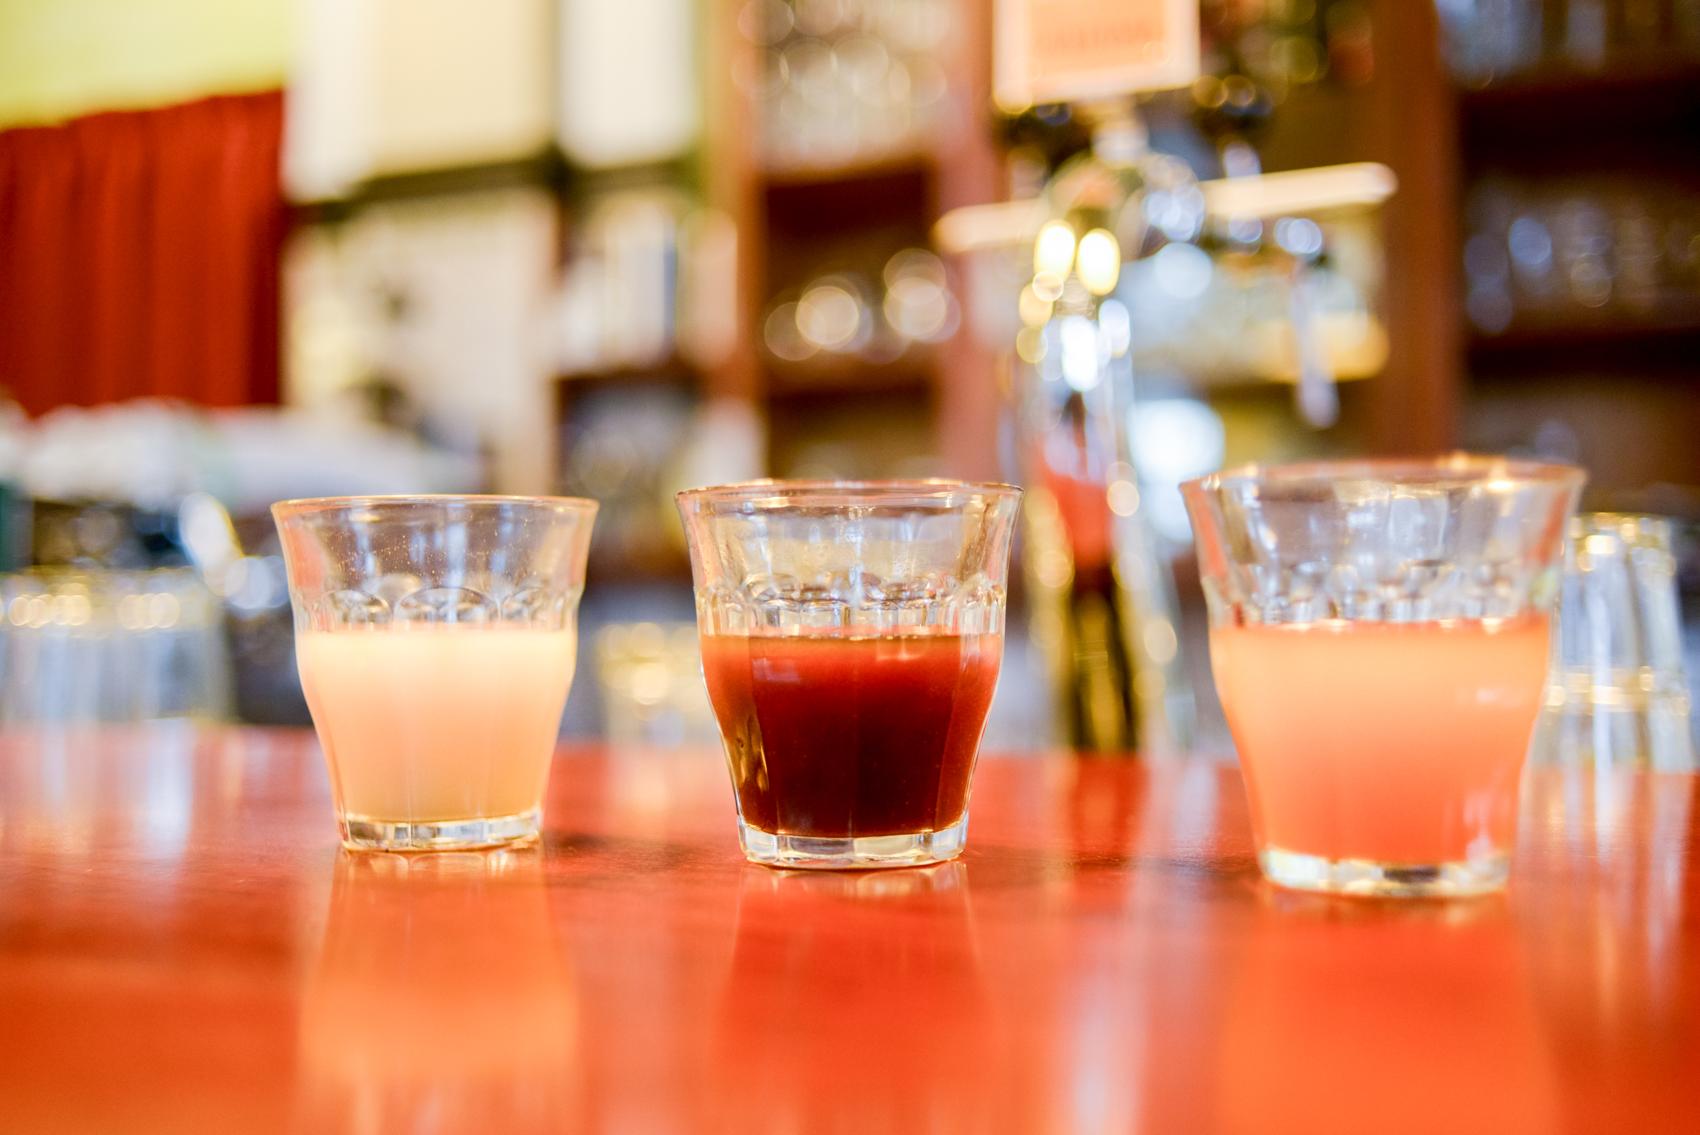 KLAPSTUK - Brouwerij Bogt - brouwcursus (47 of 49)